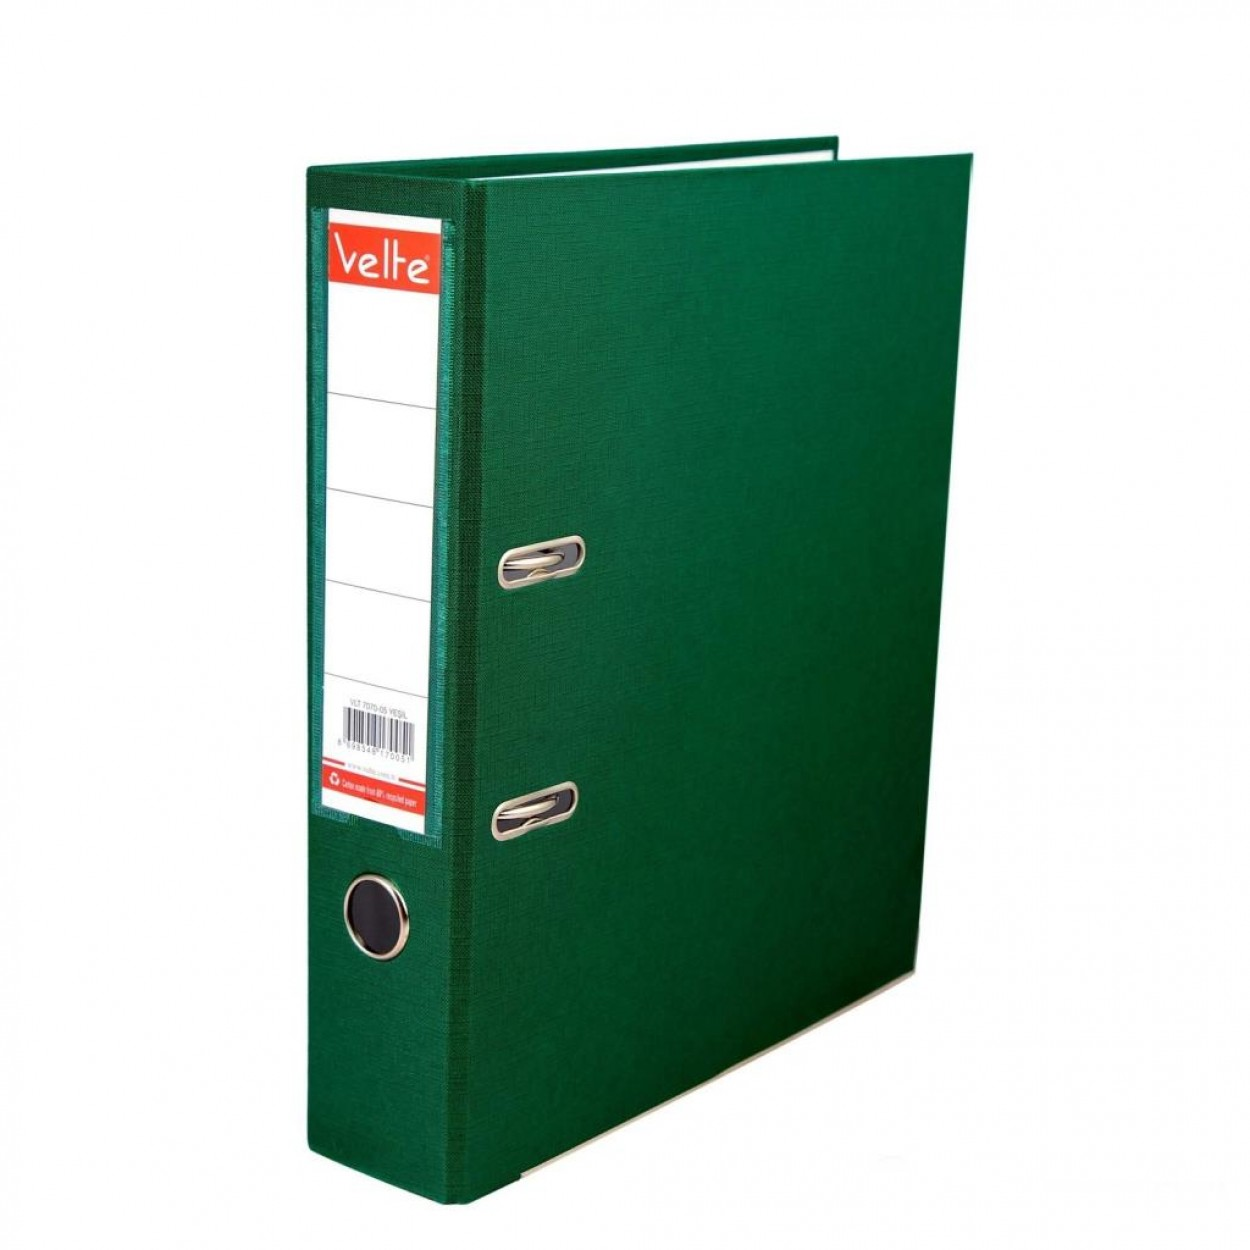 Velte Plastik Klasör Geniş Yeşil Renk 25 Li Koli